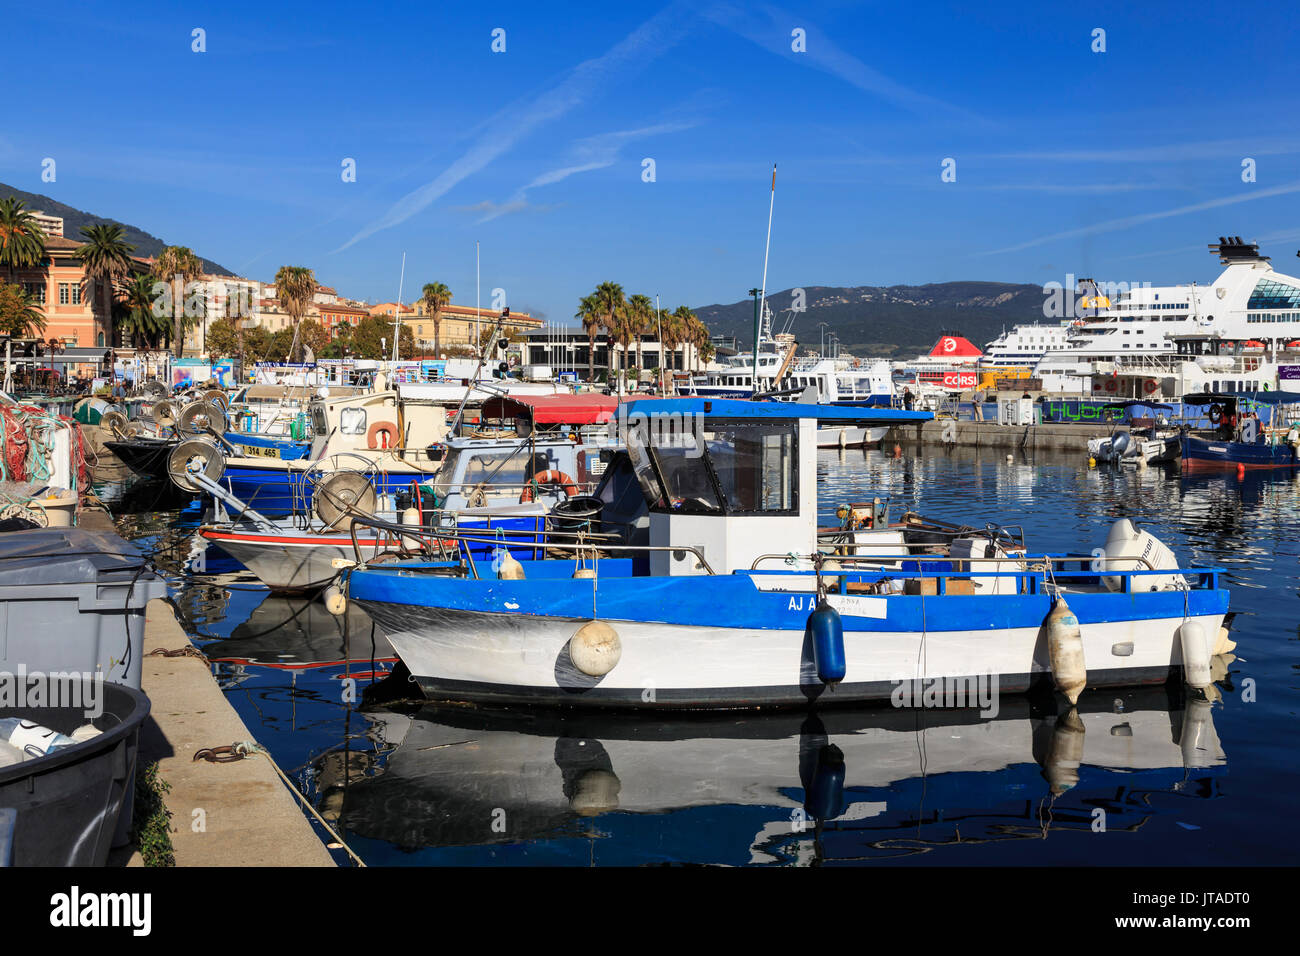 Alter Hafen mit Fischerbooten, Kreuzfahrtschiffe und Fähren, Blick auf die Berge in der Ferne, Ajaccio, Korsika, Frankreich Stockbild